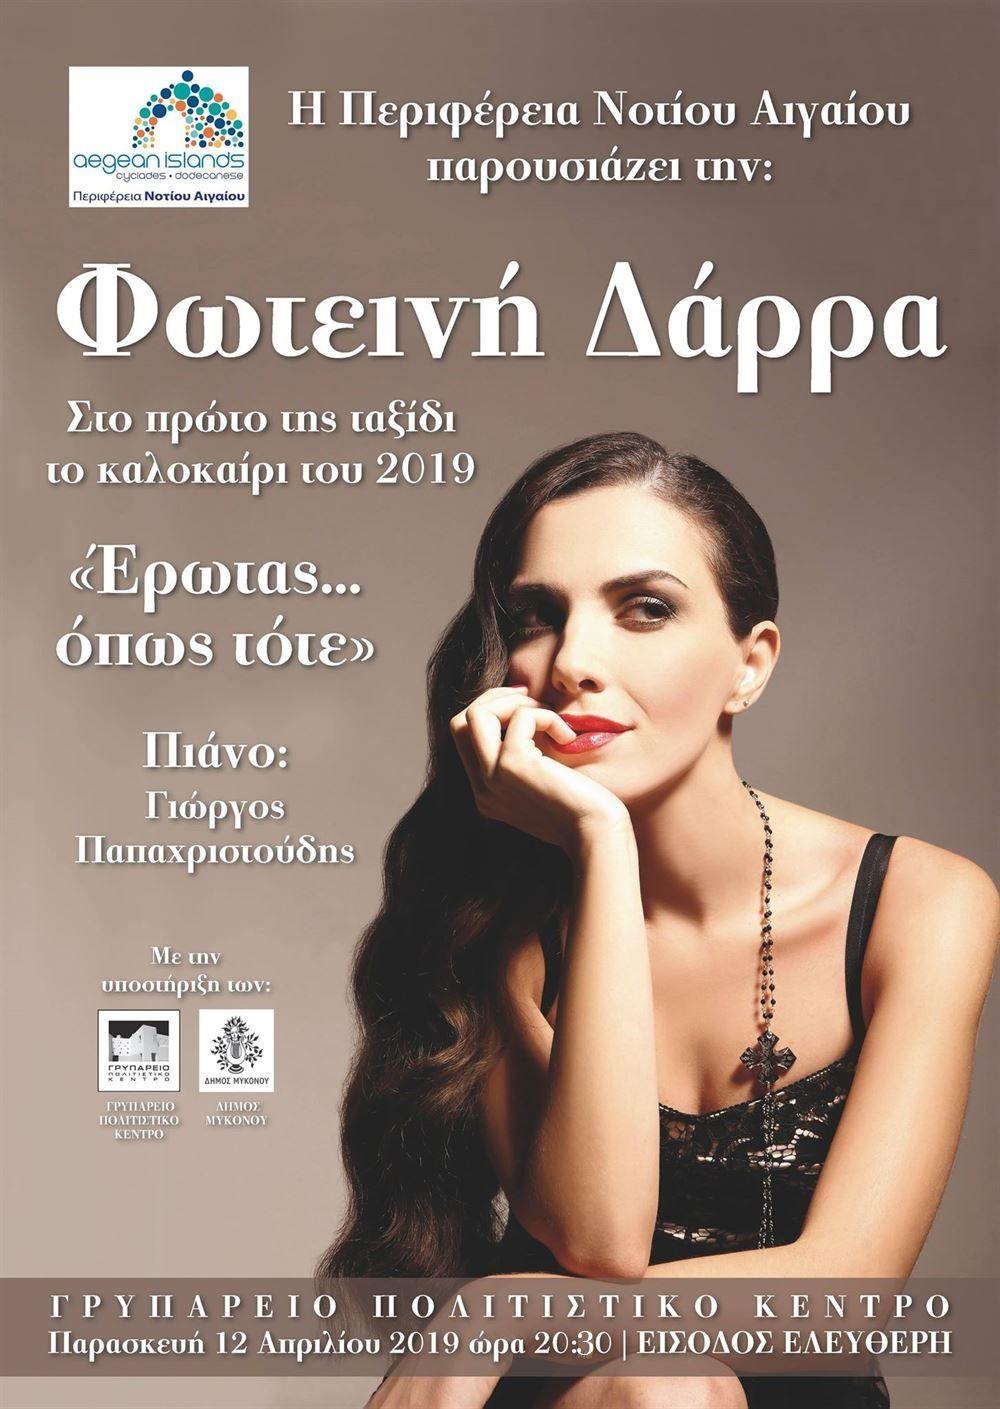 """, região N. anfitriões Egeu hoje em 20.30 Mykonos, Fotini Darra no desempenho """"AMOR… como então """""""